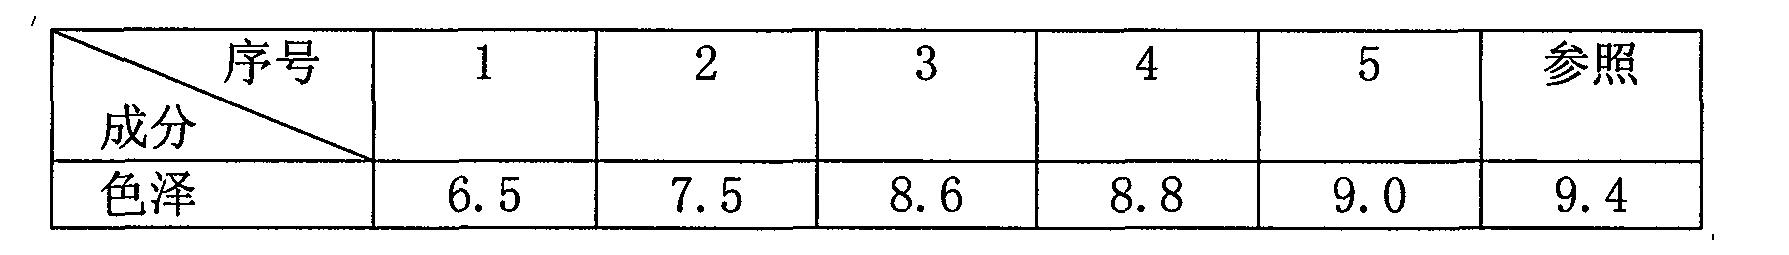 Figure CN101406296BD00072